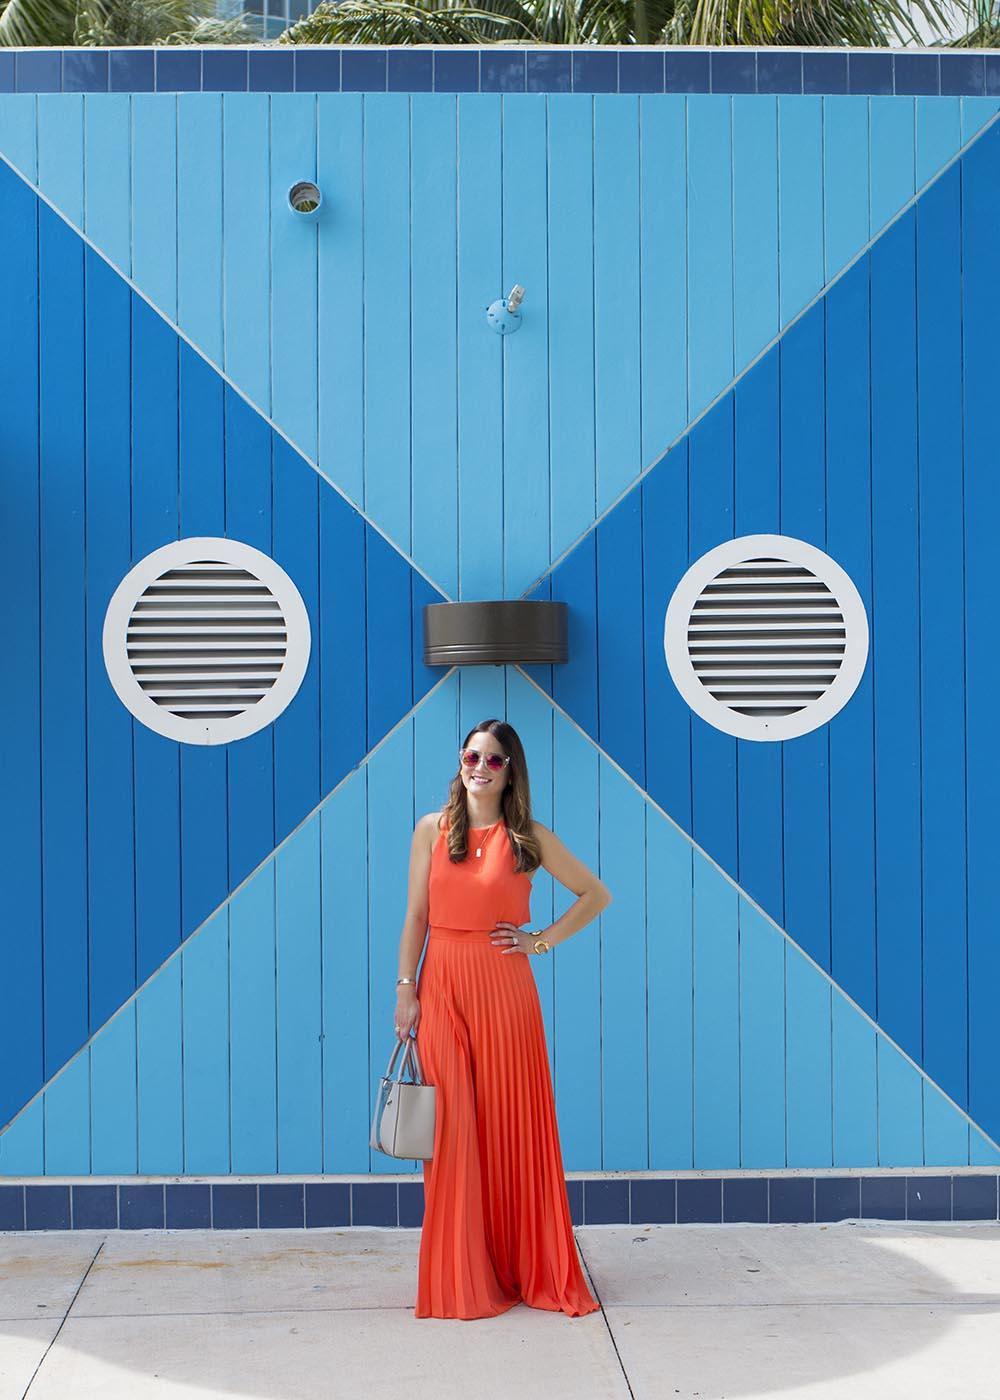 Miami Color Block Walls